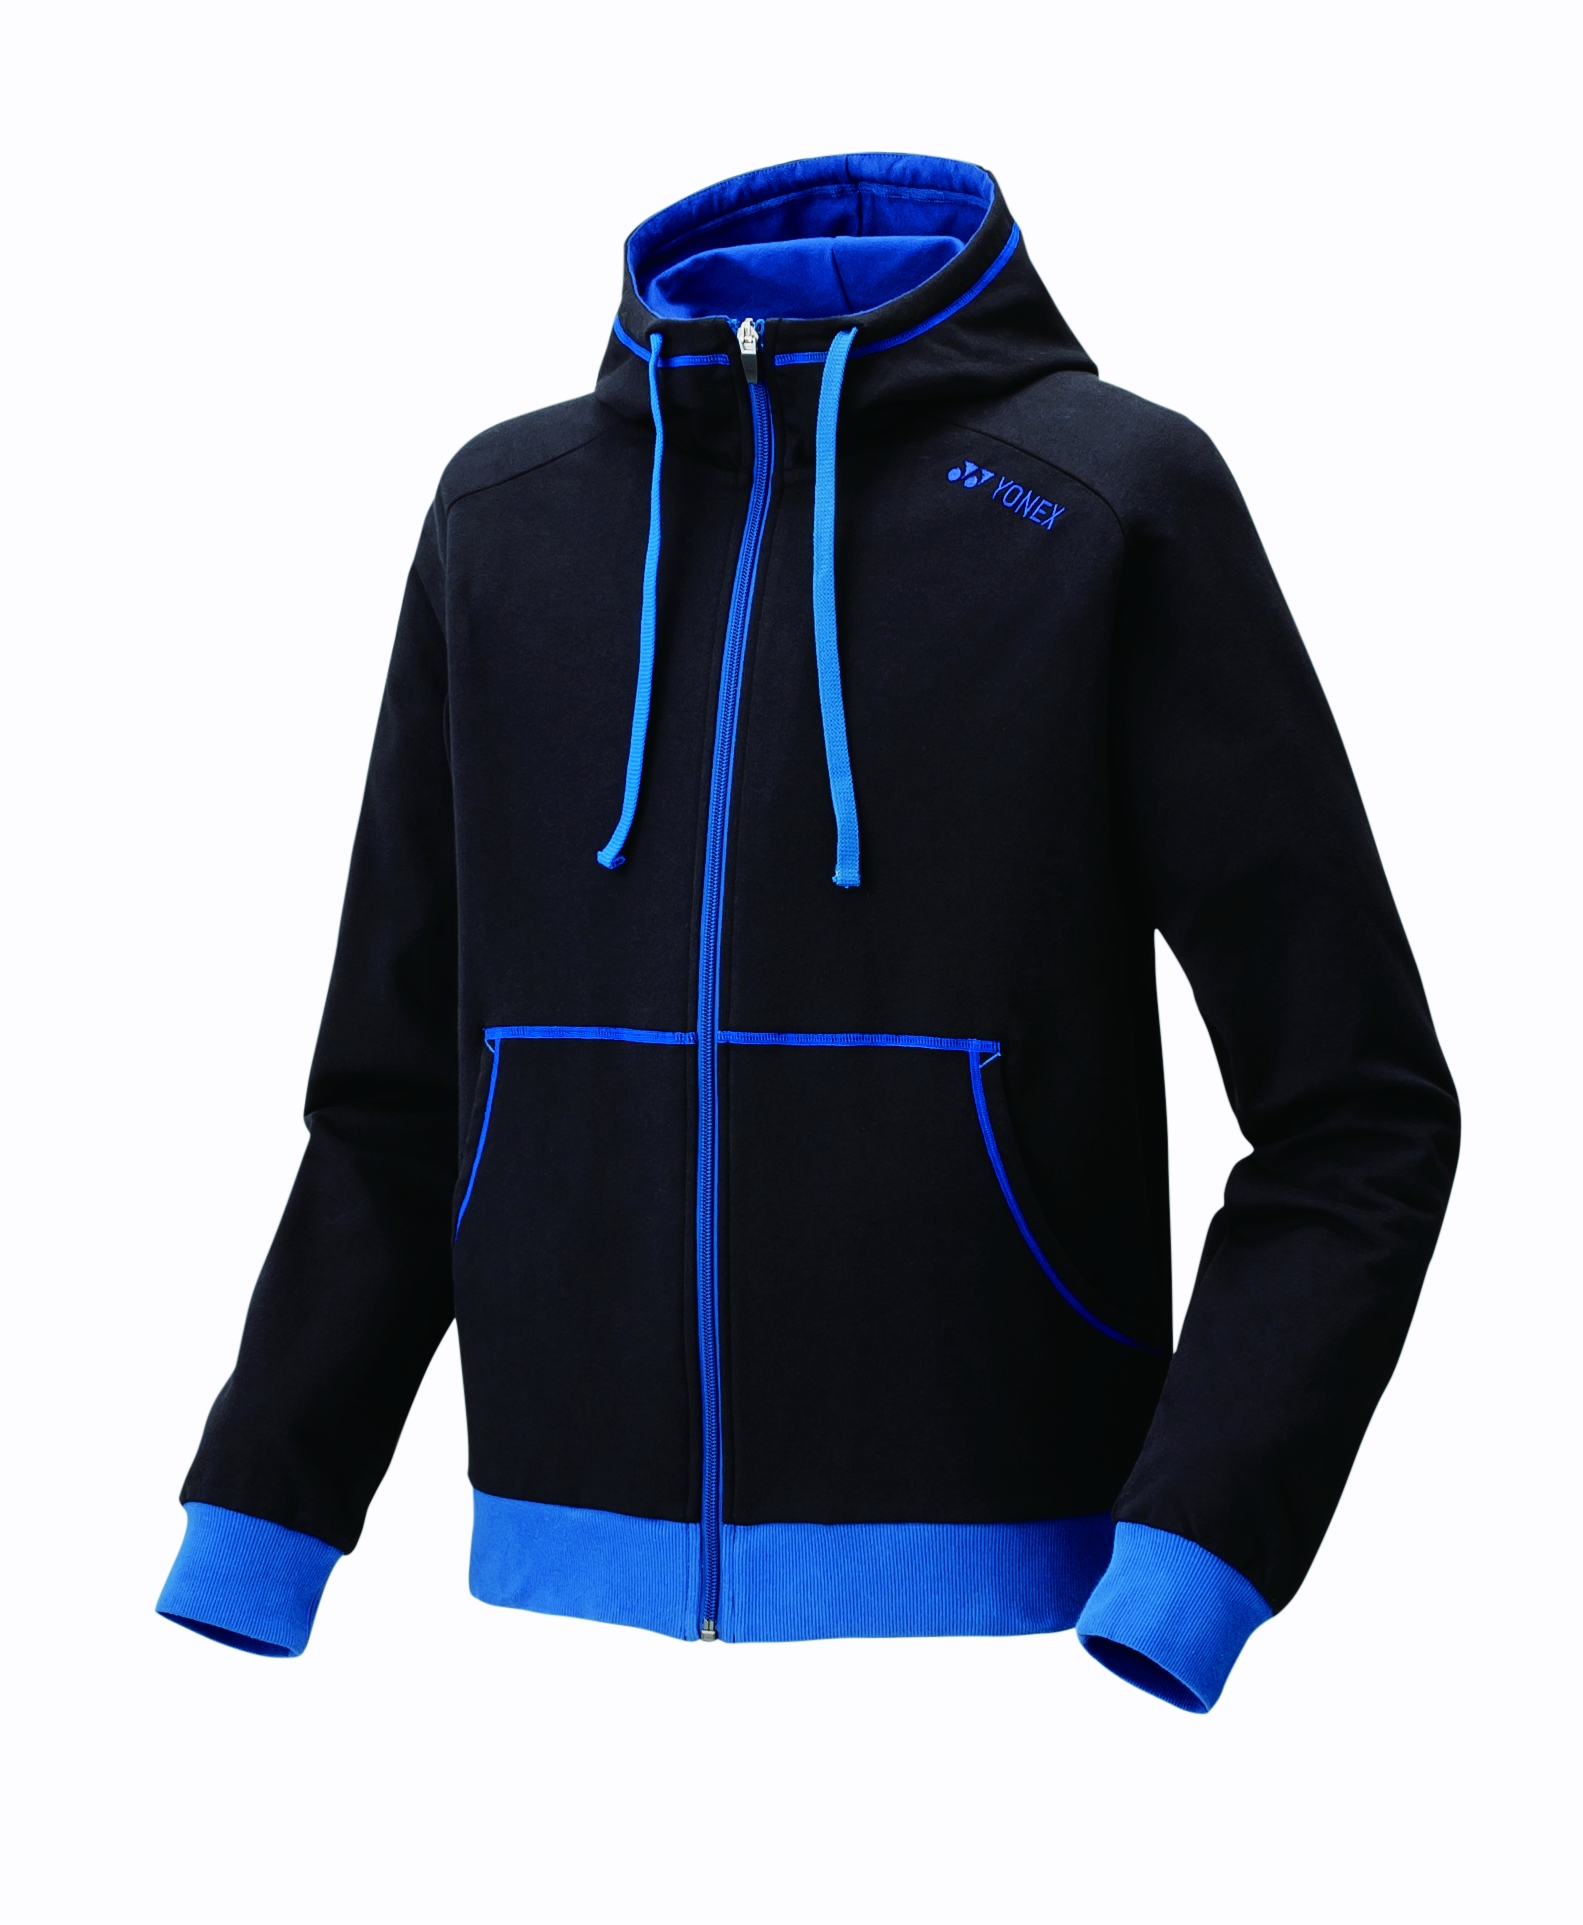 Image of   Yonex 32010EX / 32011EX Trainingsuit - Black / Blue